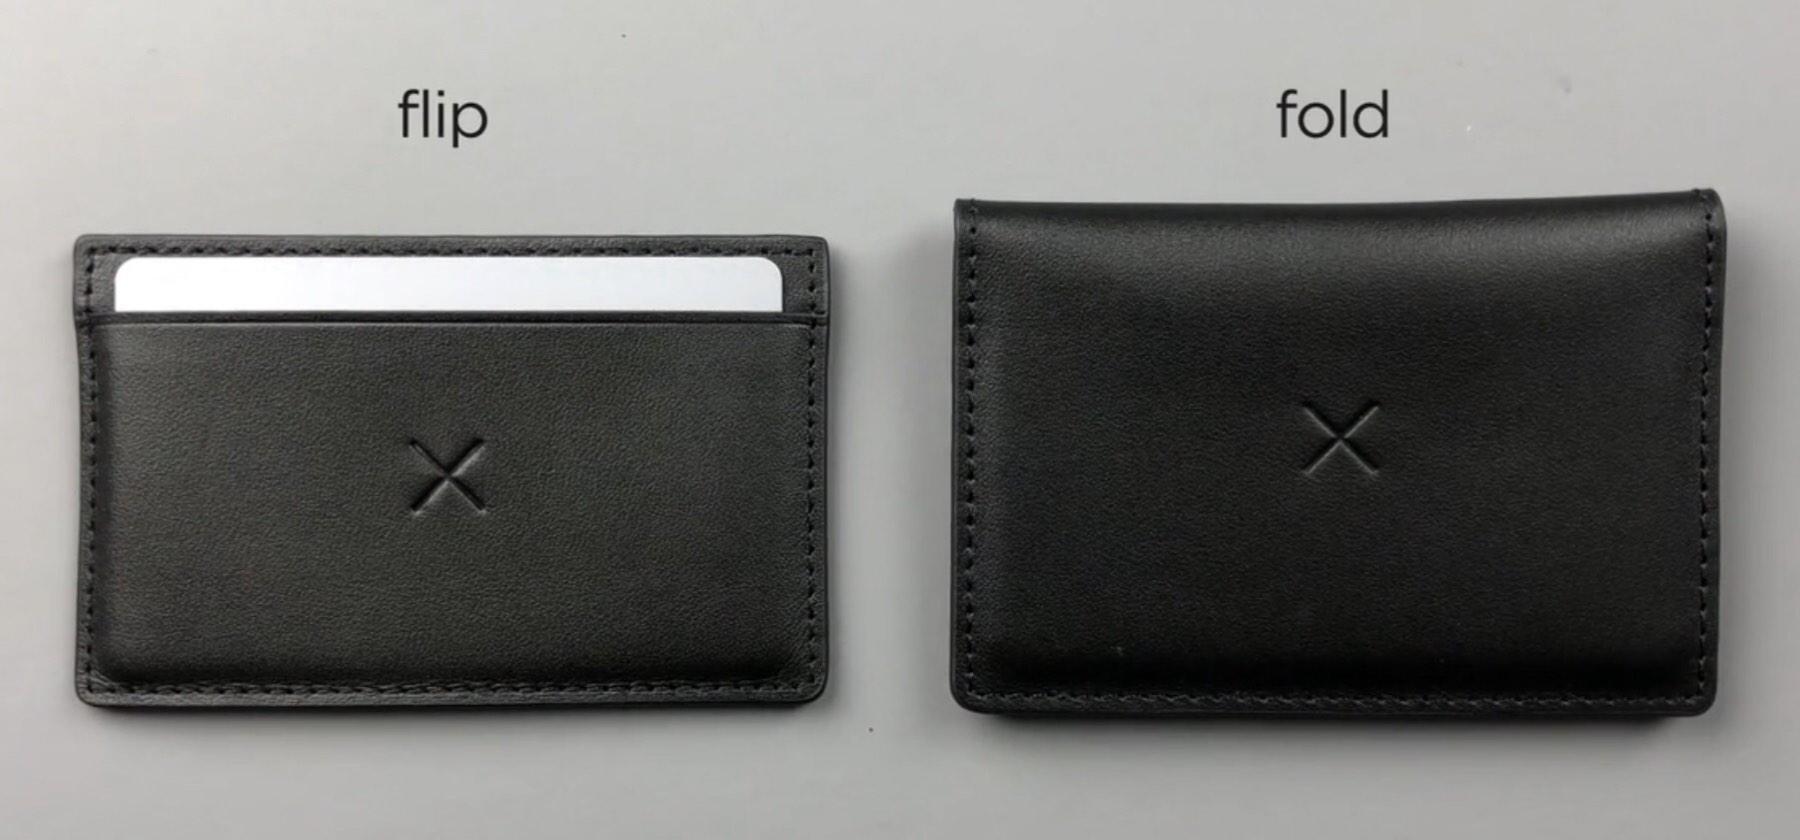 supr-slim-3-wallet-flip-and-fold